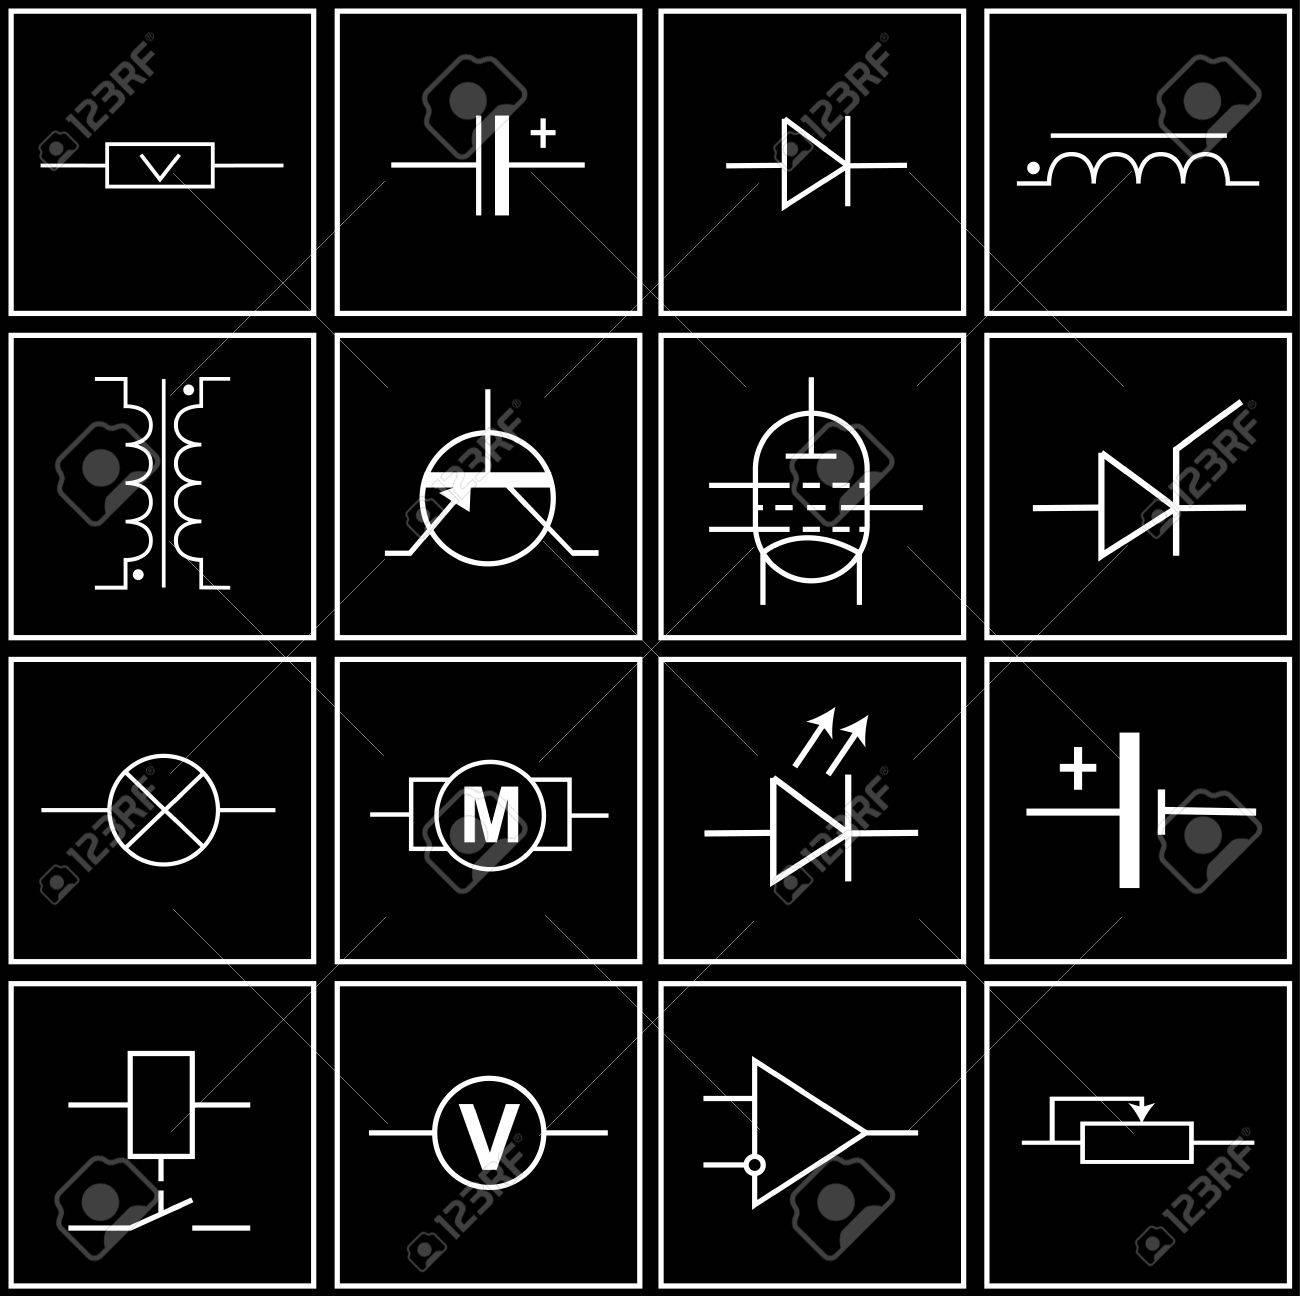 Logos, Symbole Von Elektronischen Komponenten Auf Schaltpläne ...